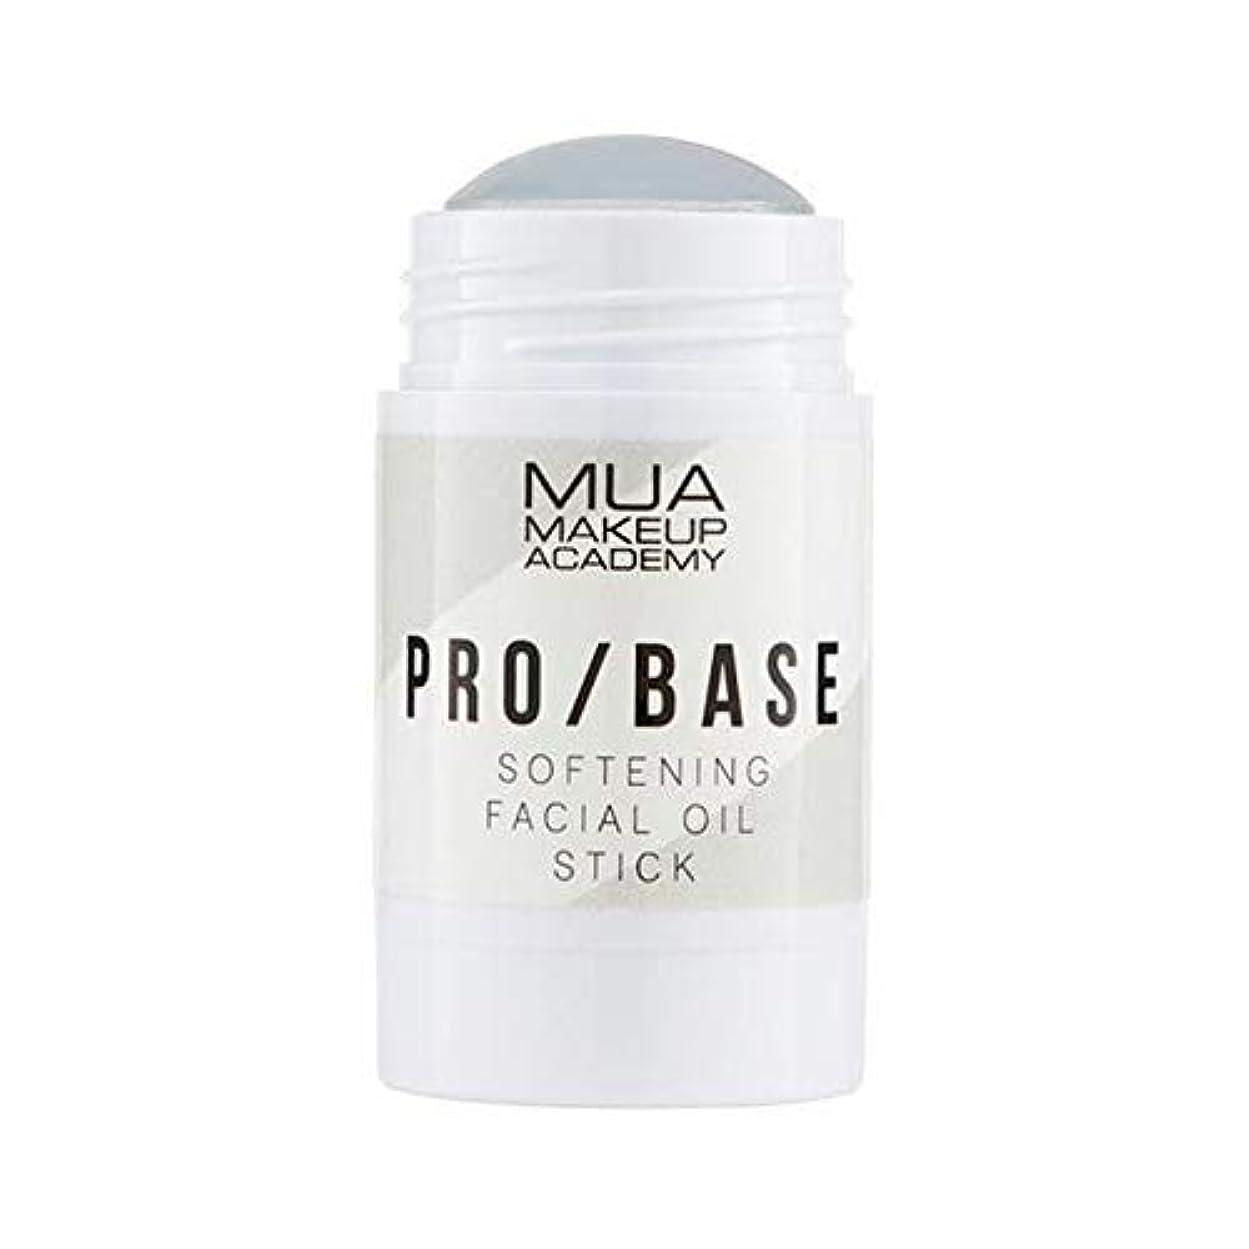 有害ななめらかな自宅で[MUA] フェイシャルオイルスティックを軟化Muaプロベース - MUA Pro Base Softening Facial Oil Stick [並行輸入品]